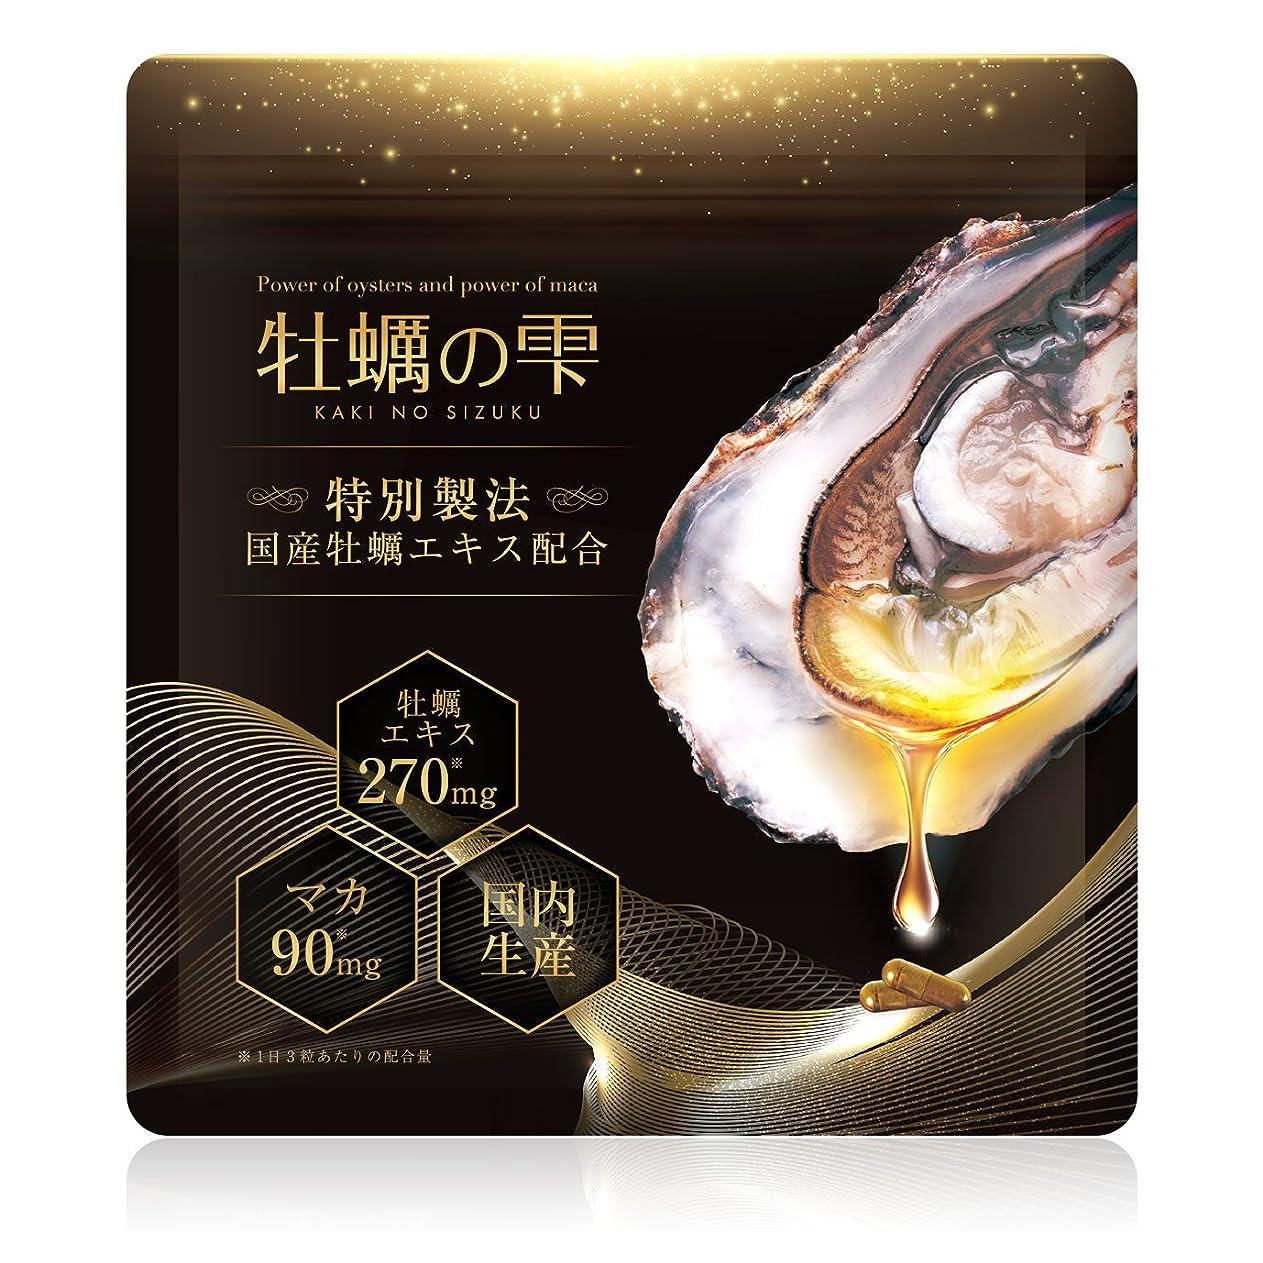 橋脚ボクシング安全牡蠣の雫 特別製法 牡蠣エキス 亜鉛 マカ タウリン 濃縮 高配合 90粒